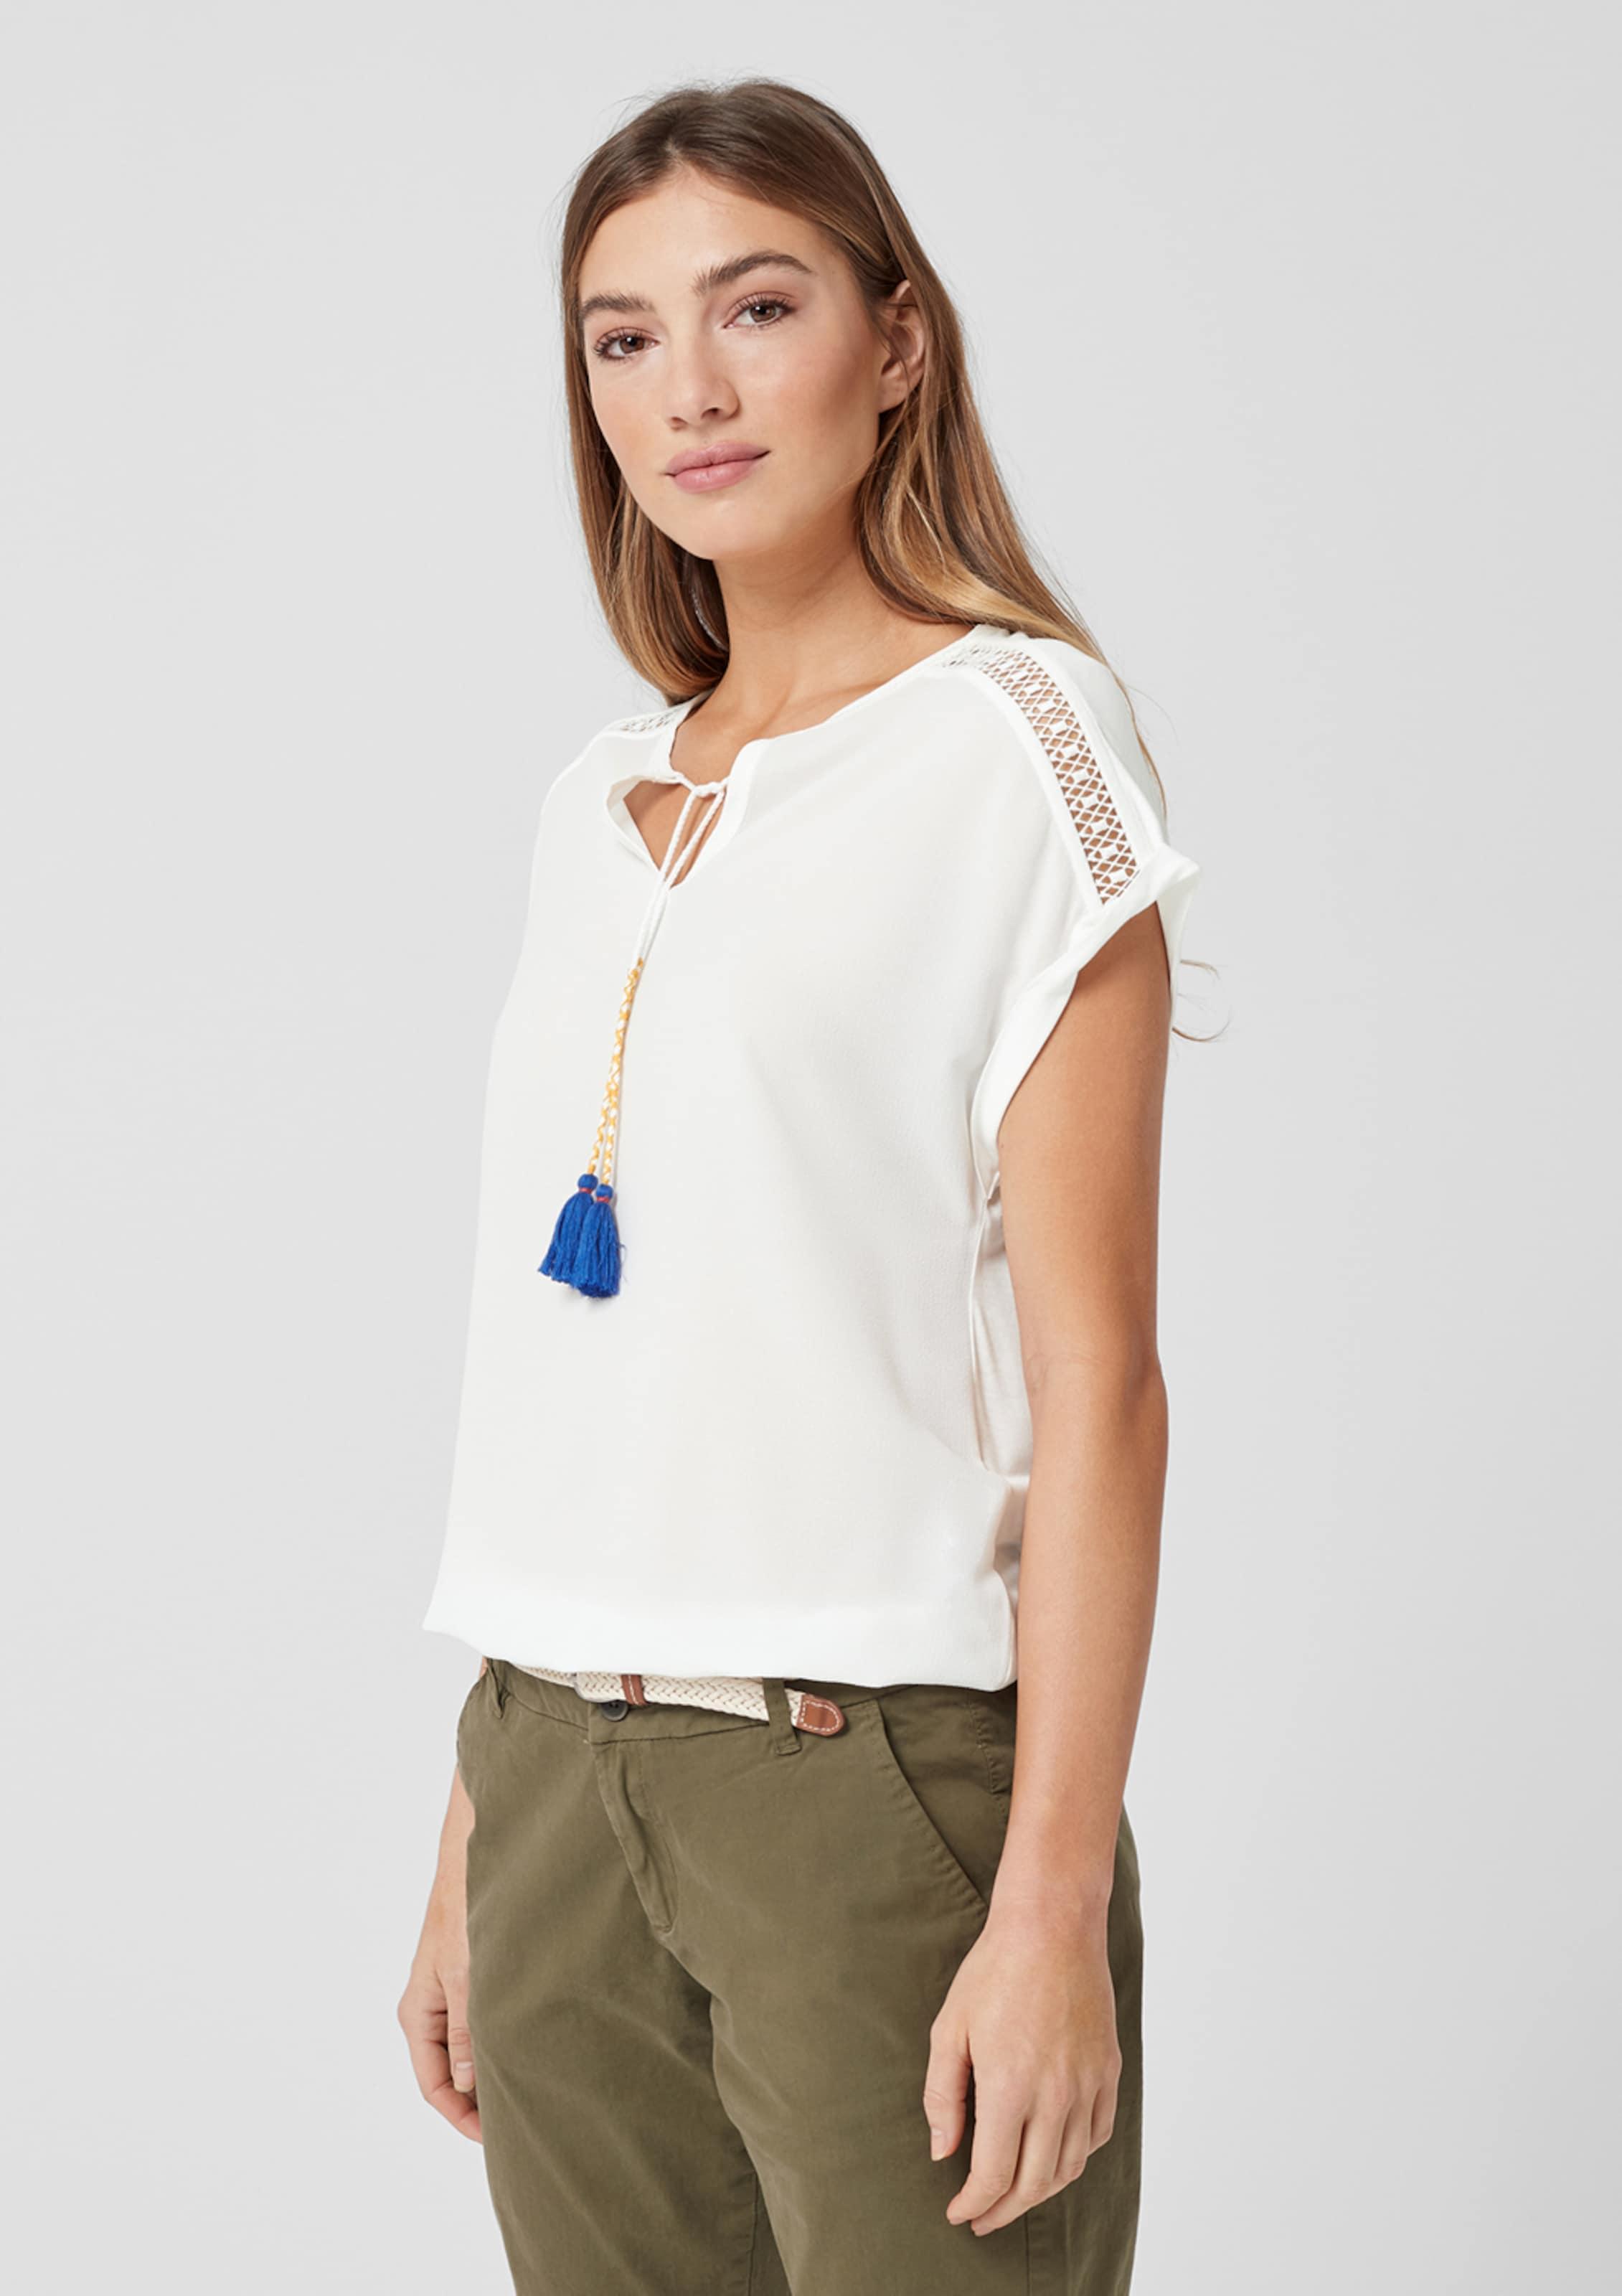 S Red Blanc T shirt Label oliver En n0PwOk8